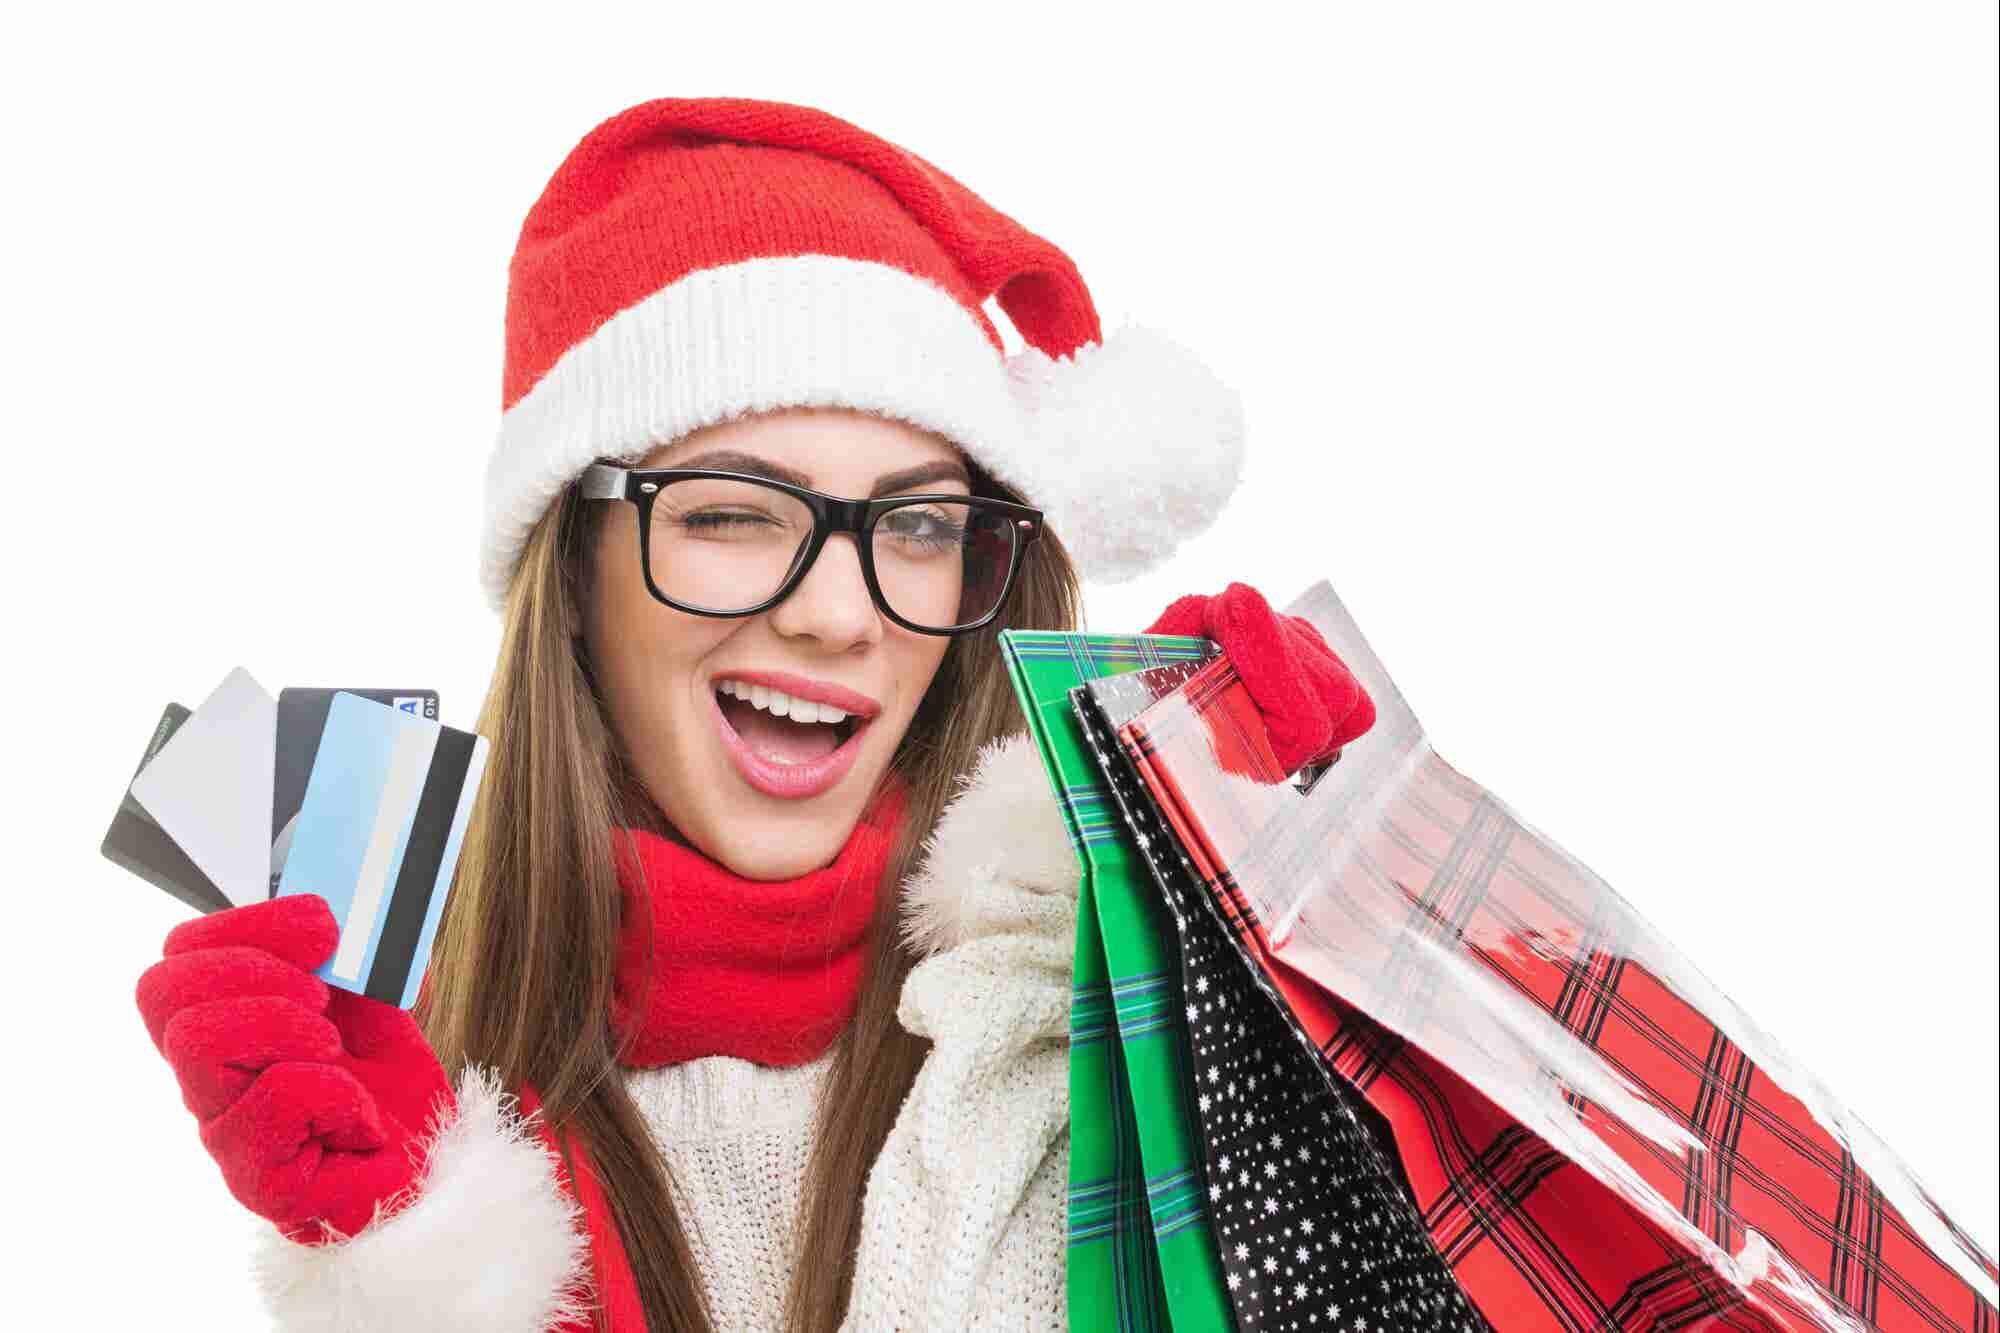 ¡Vende más en navidad! 5 formas de sumar clientes y billetes